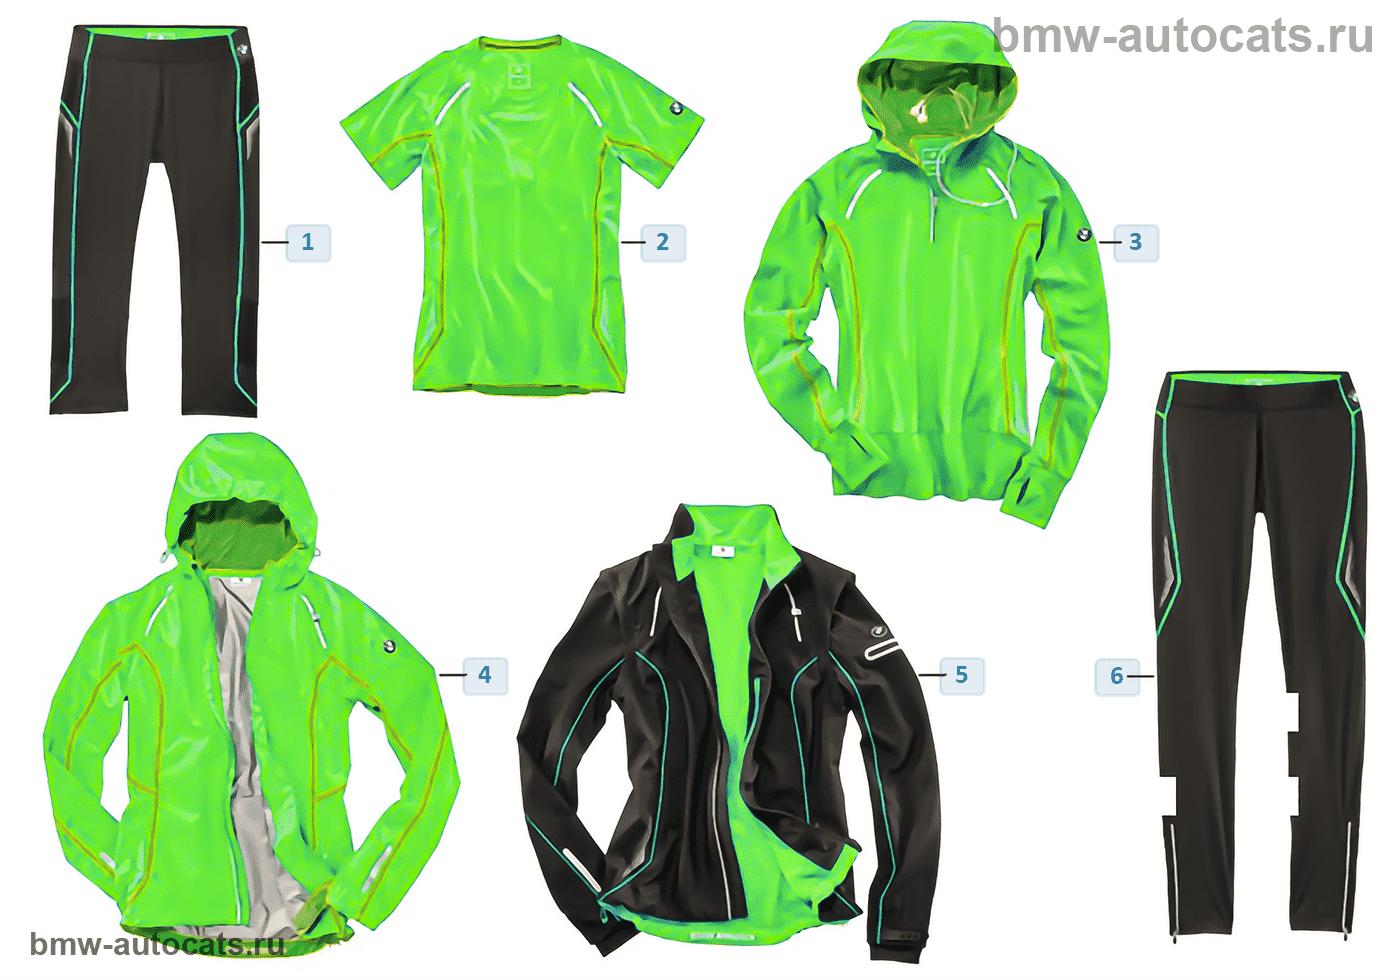 BMW Athletics — Женская одежда 2015/17